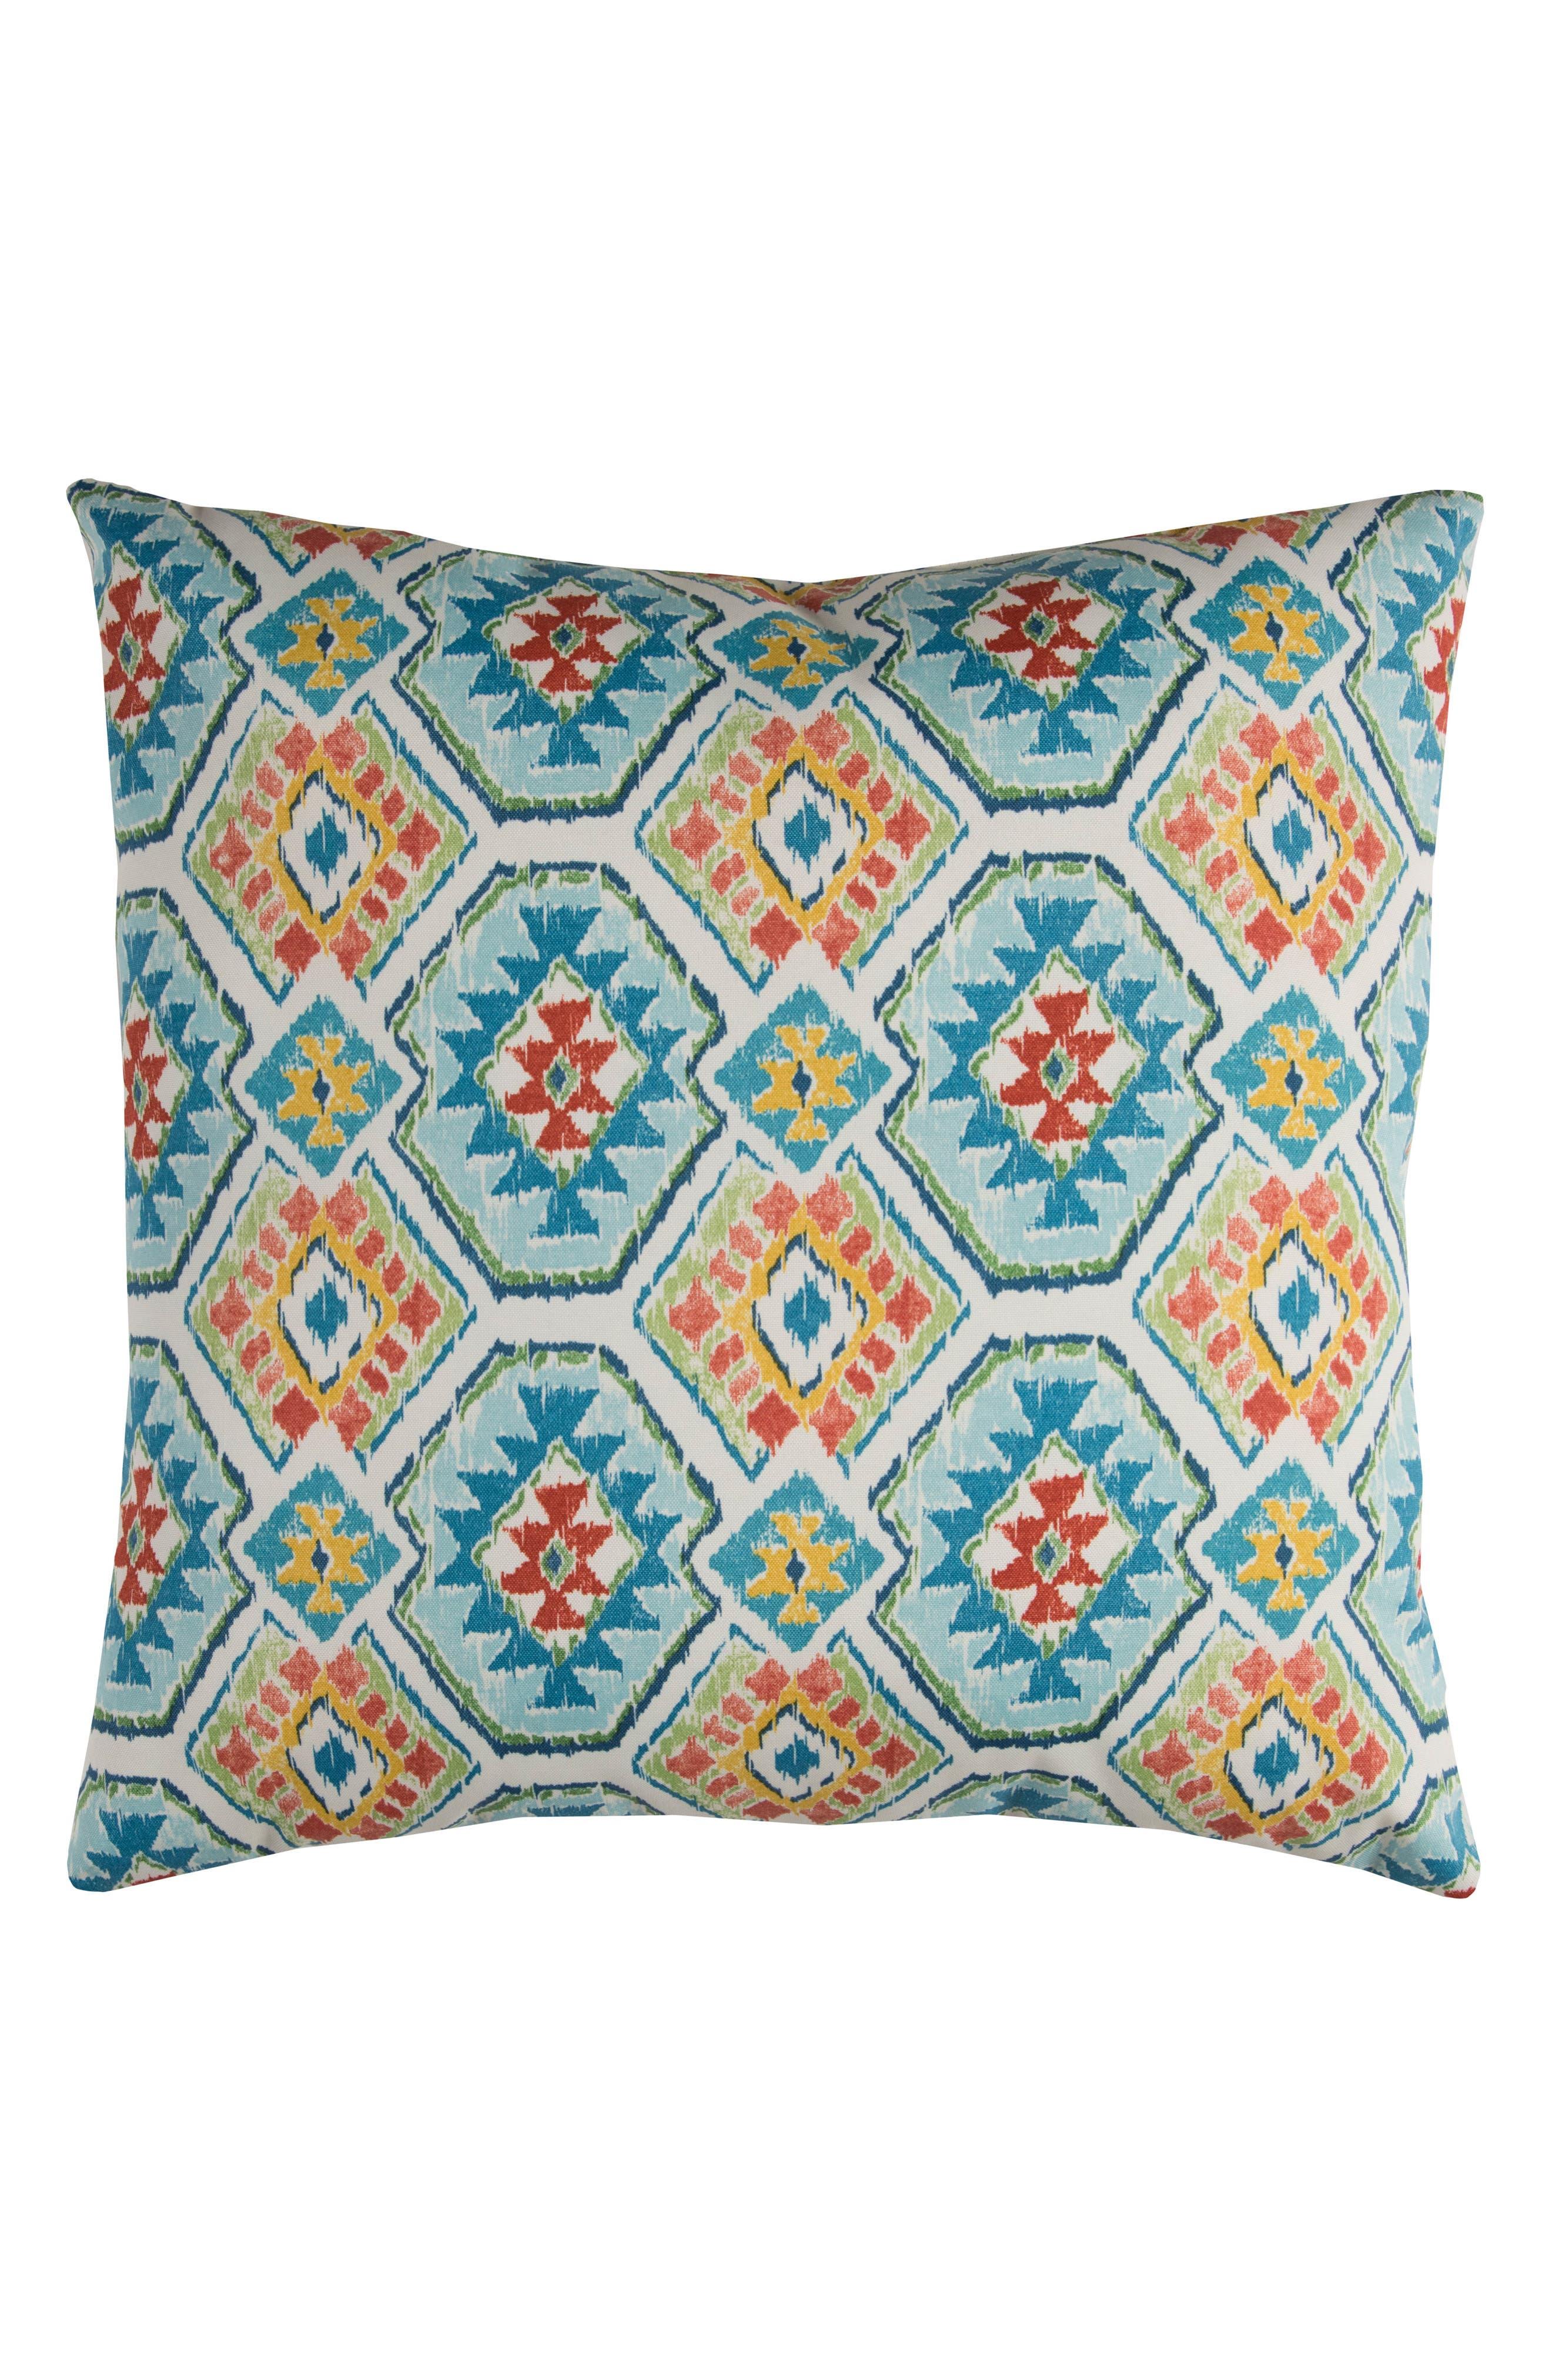 Chevron Outdoor Pillow,                         Main,                         color, Blue